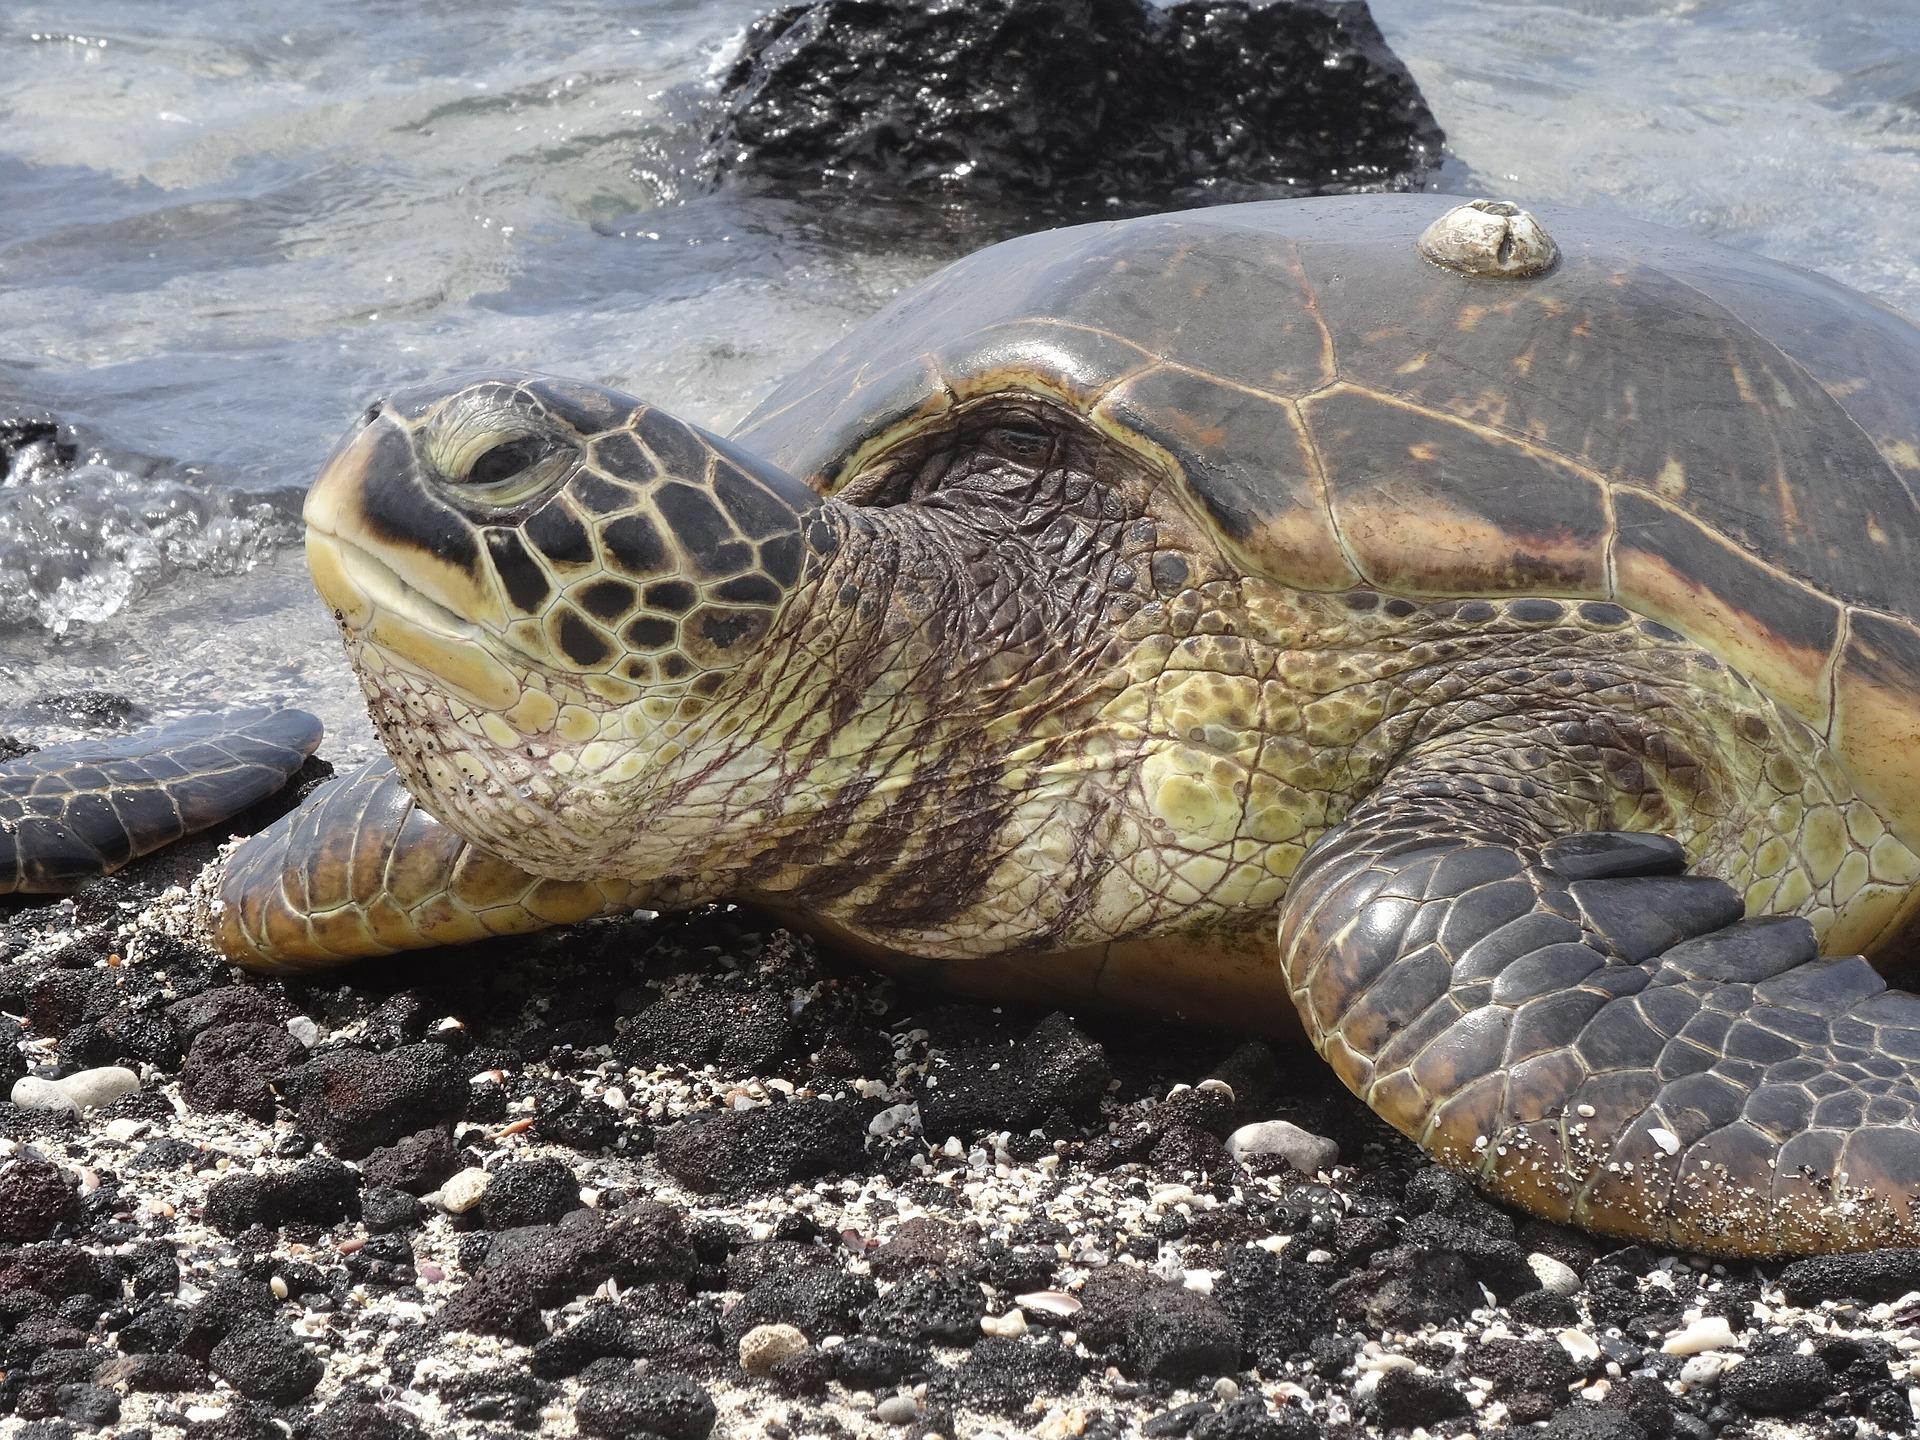 Ausgestorben geglaubte Riesenschildkröte auf Galápagos-Insel nach 100 Jahren wiederentdeckt